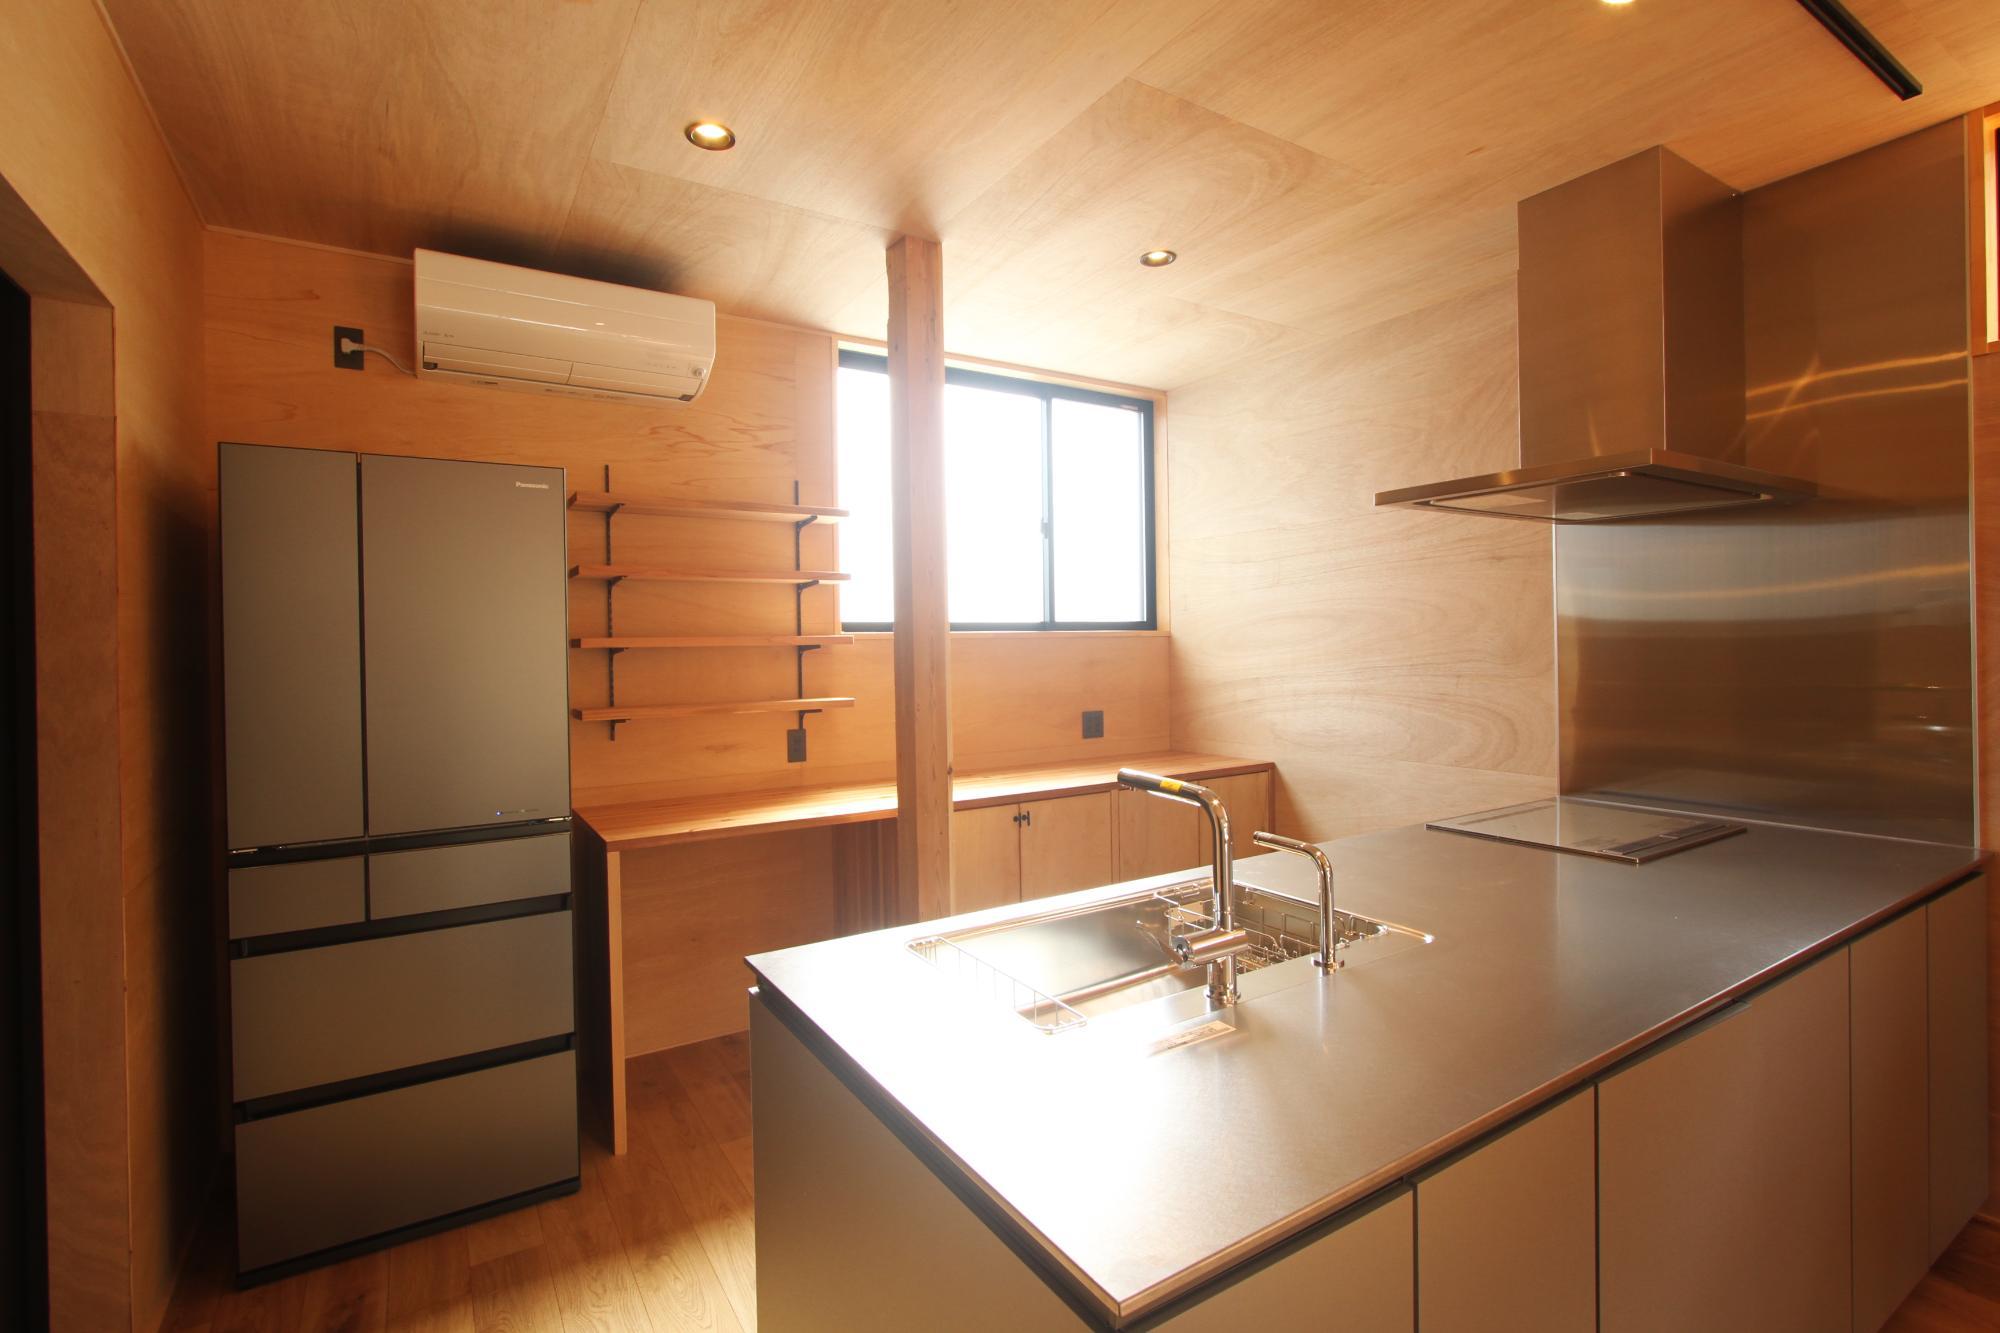 (株)難波産業「木のぬくもりと日差し溢れる木の家」のキッチンの実例写真